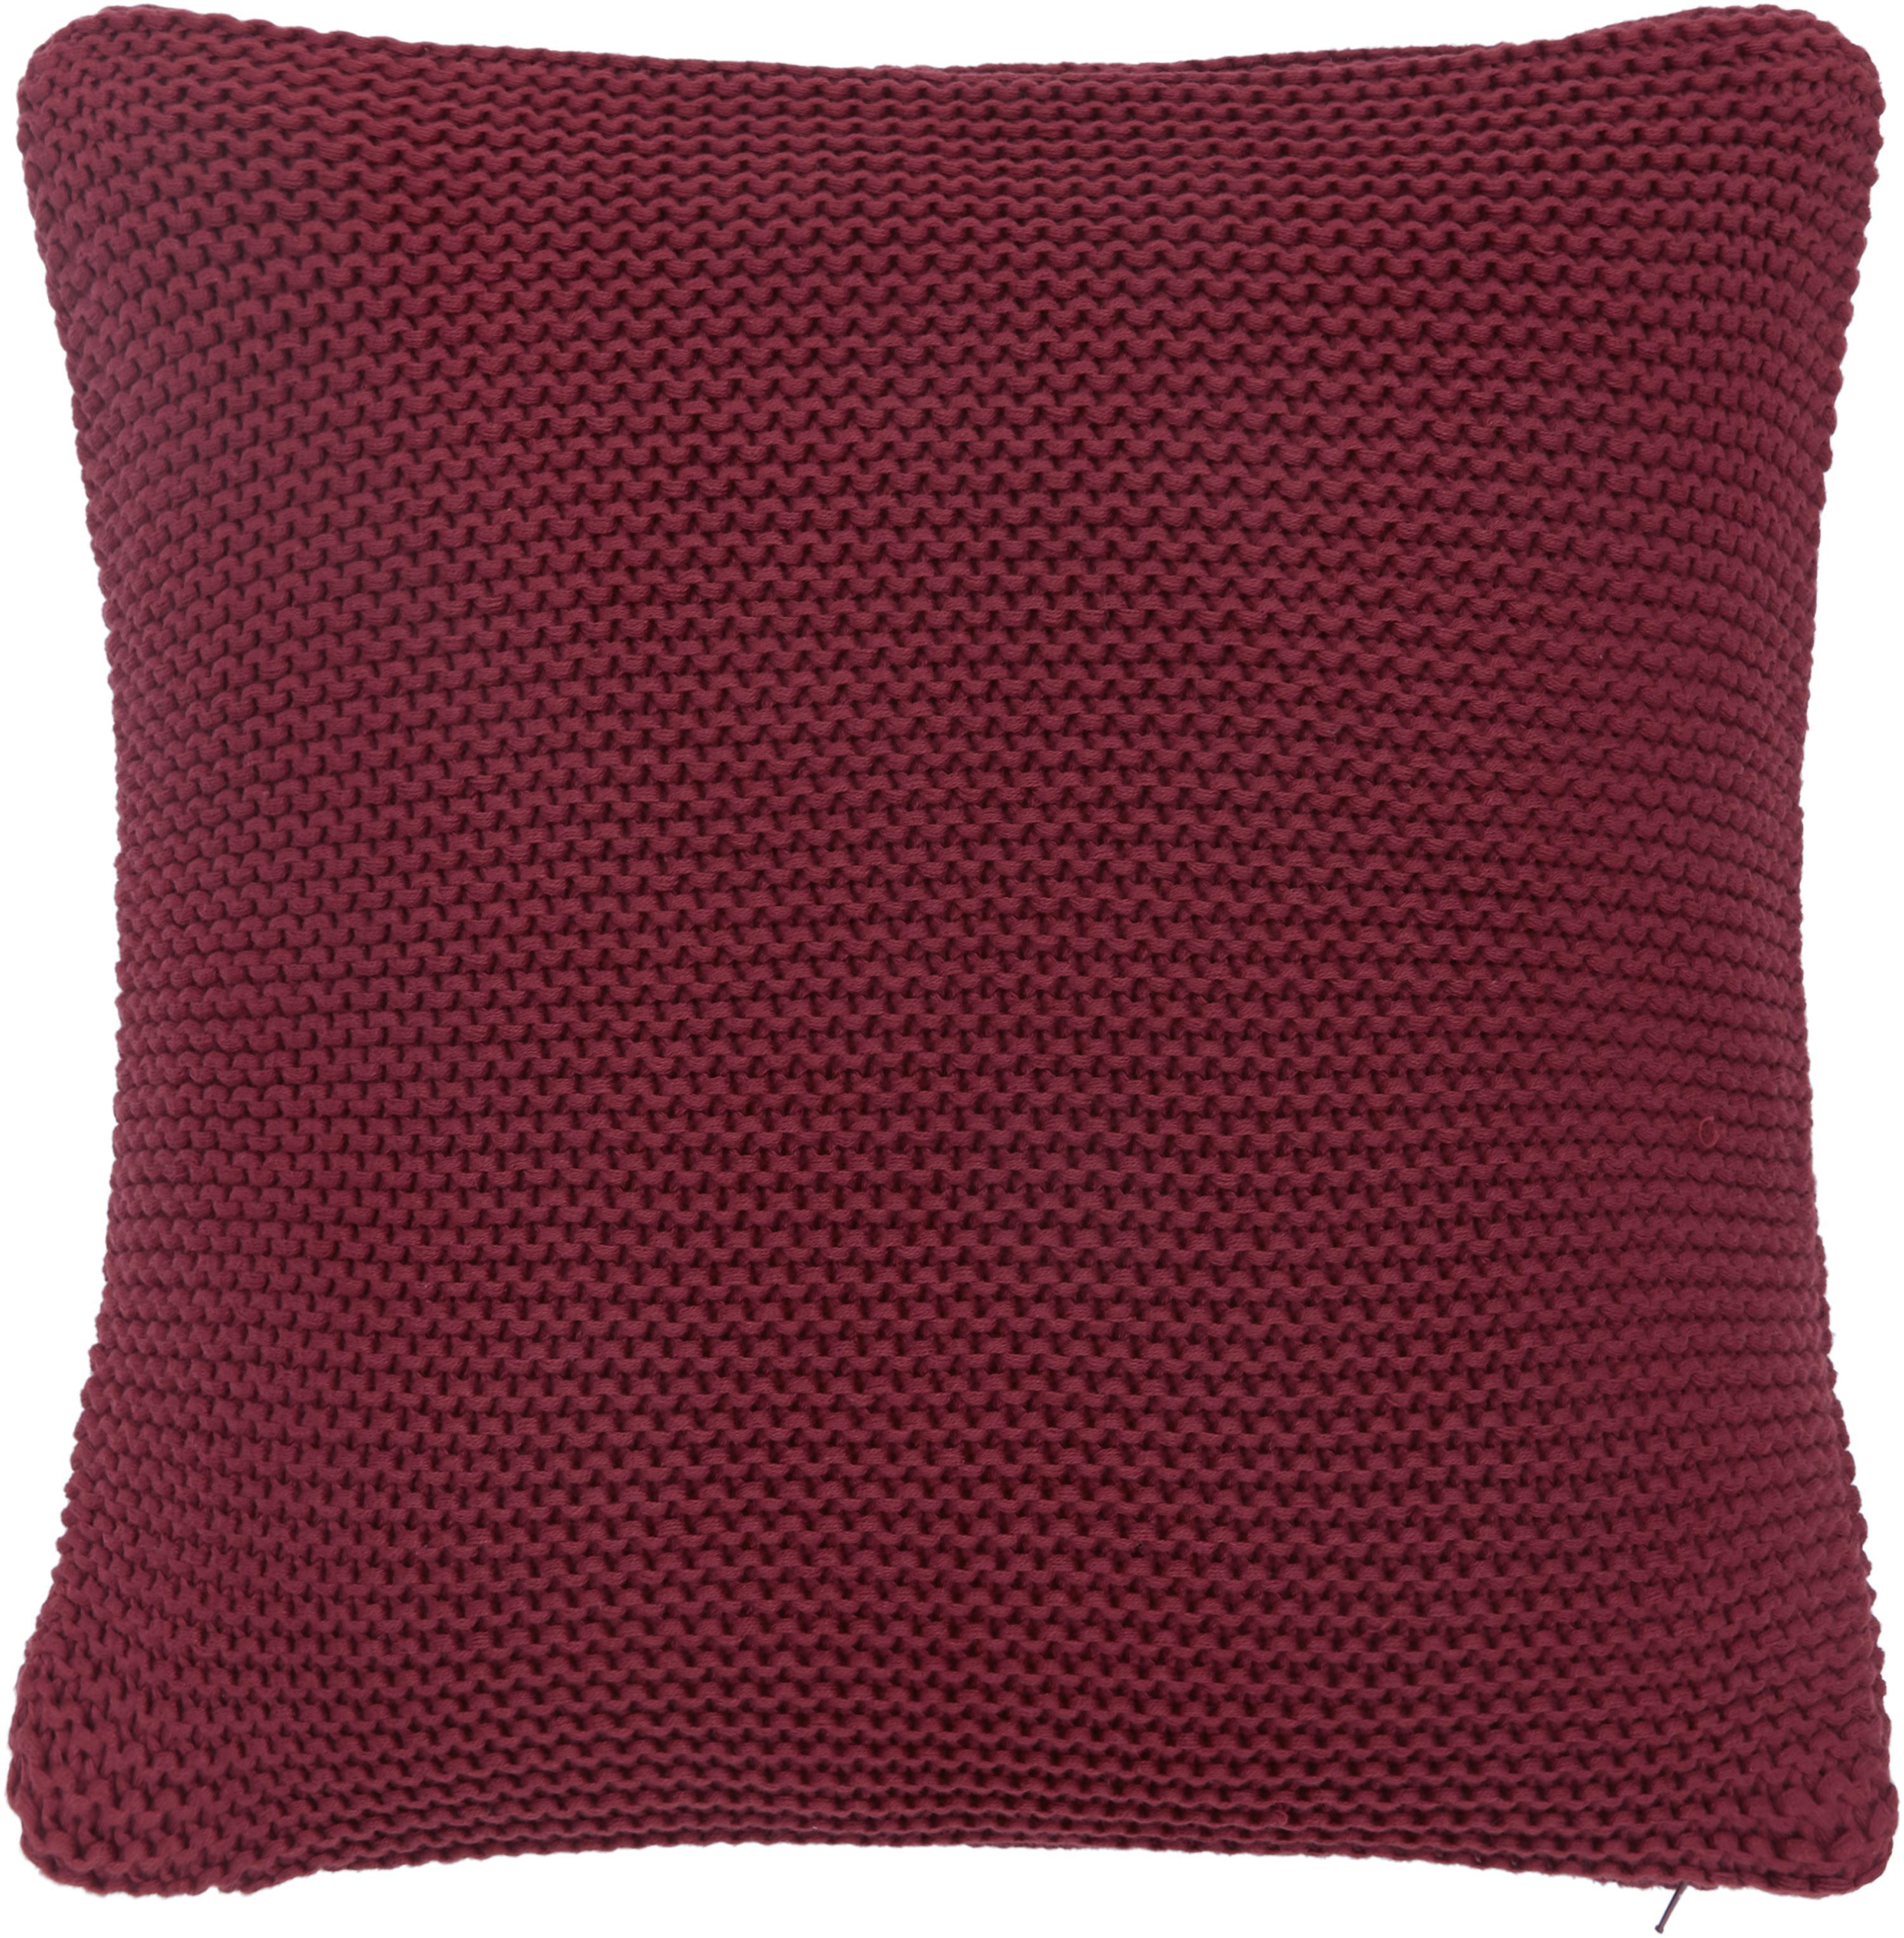 Federa arredo fatta a maglia rosso scuro Adalyn, 100% cotone, Rosso scuro, Larg. 40 x Lung. 40 cm